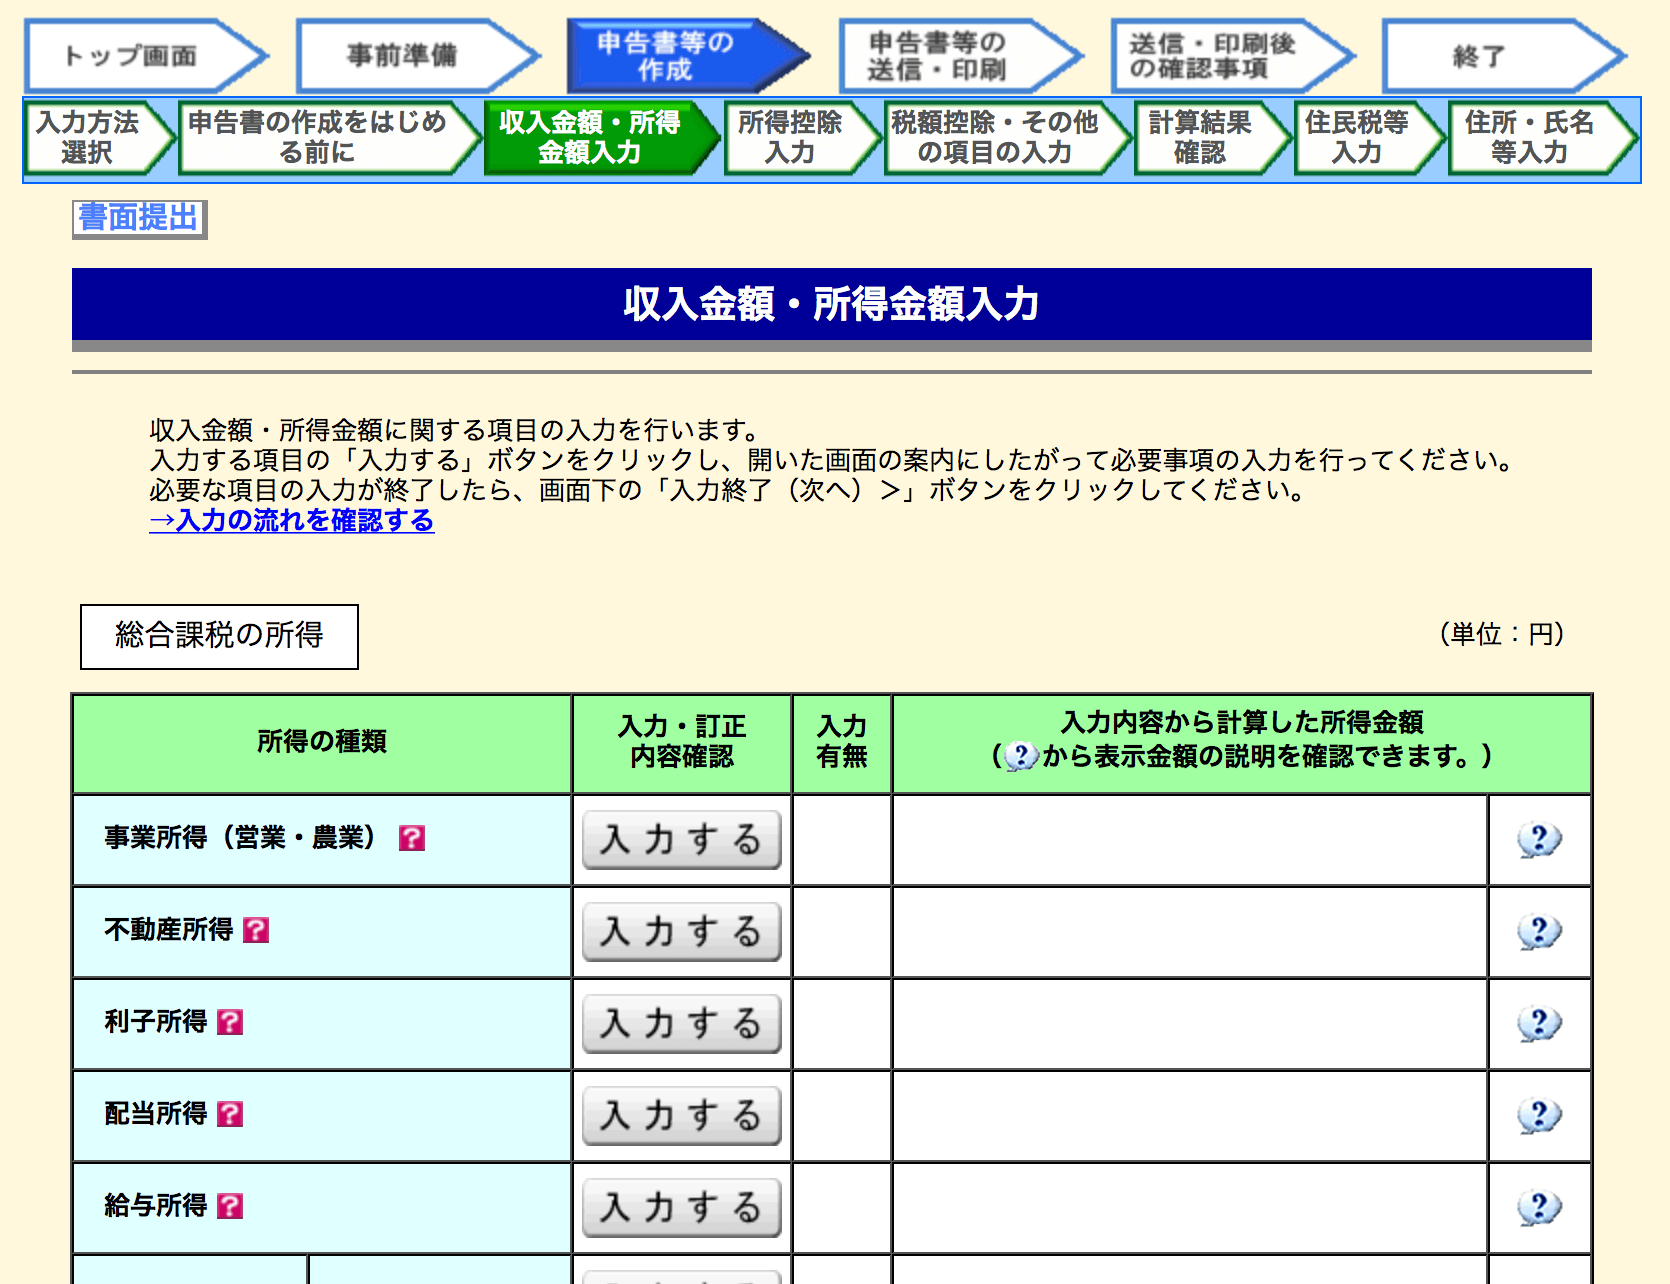 国税庁「所得税コーナー」